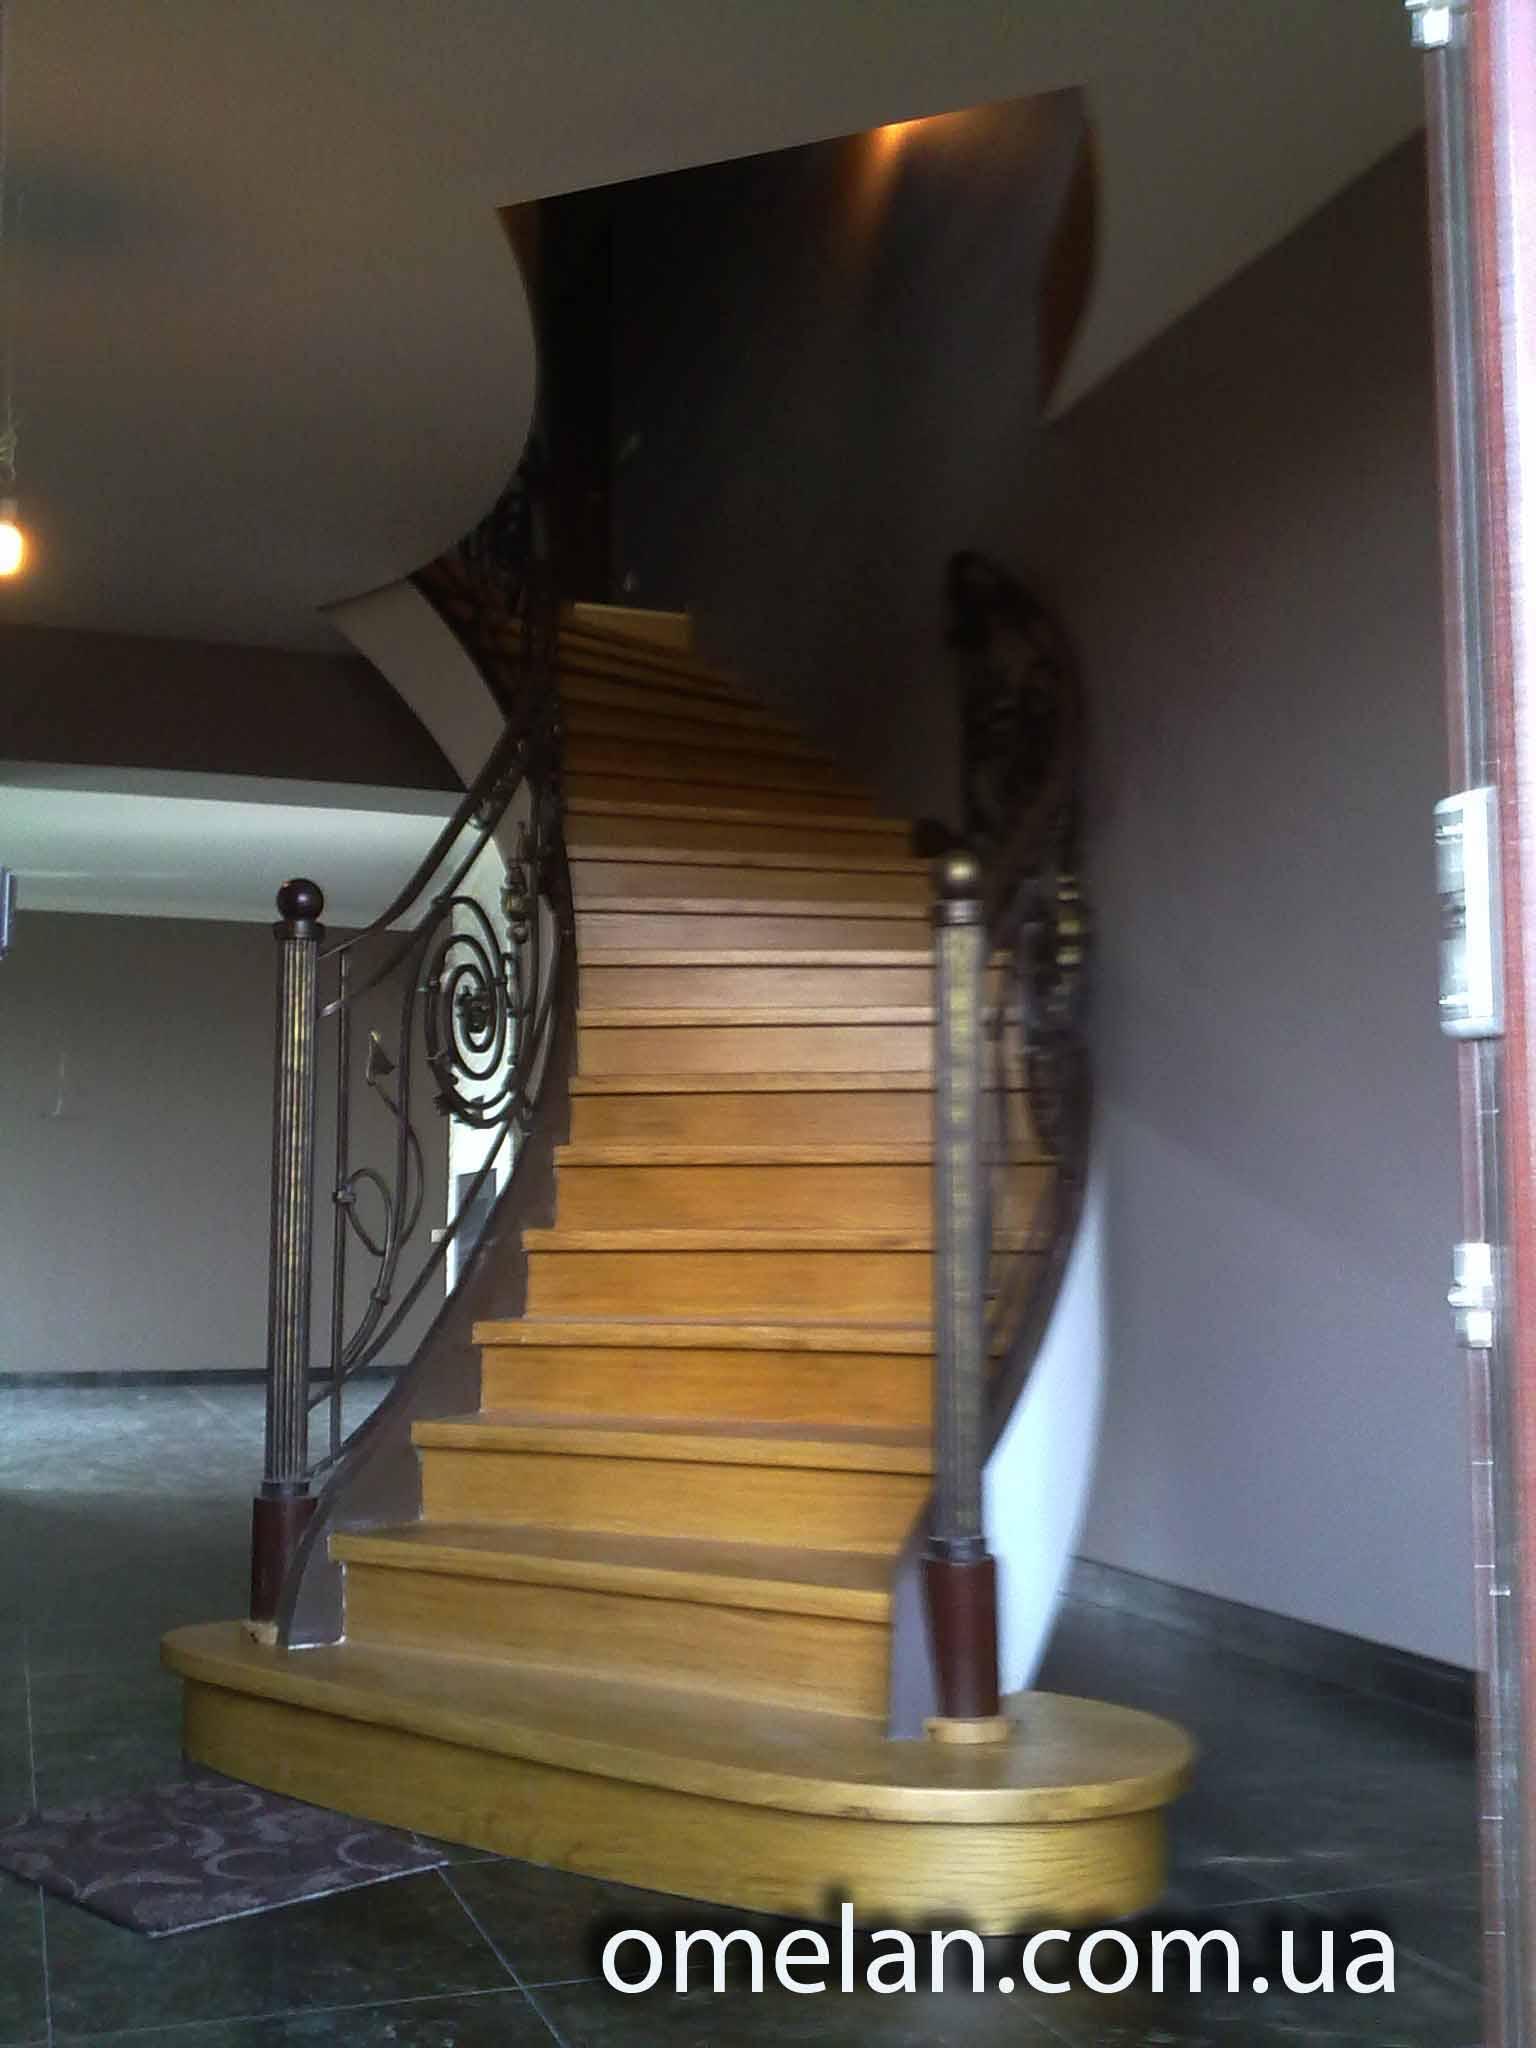 сходи бетонні поворотні